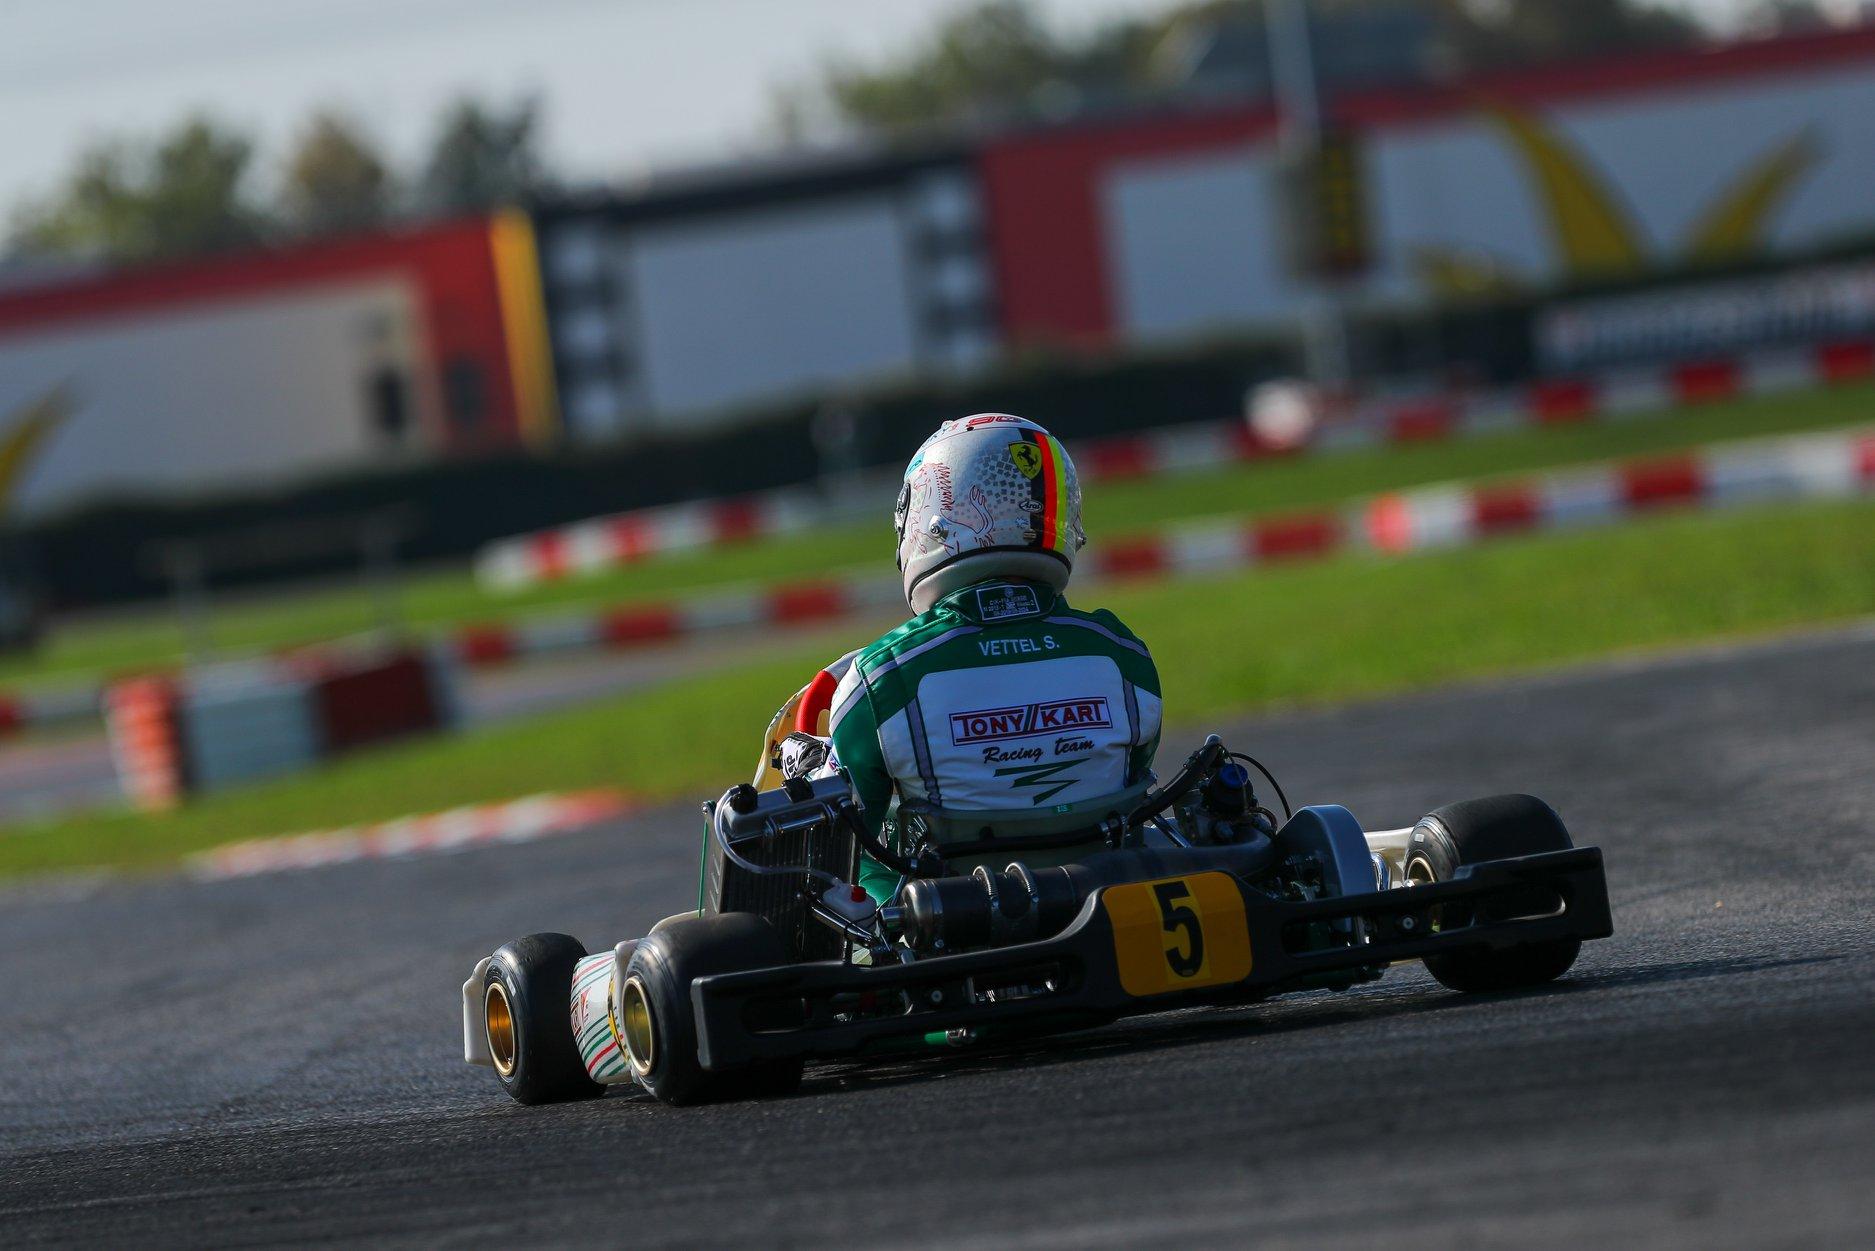 Sebastian_Vettel_testing_Tony_Kart_0001